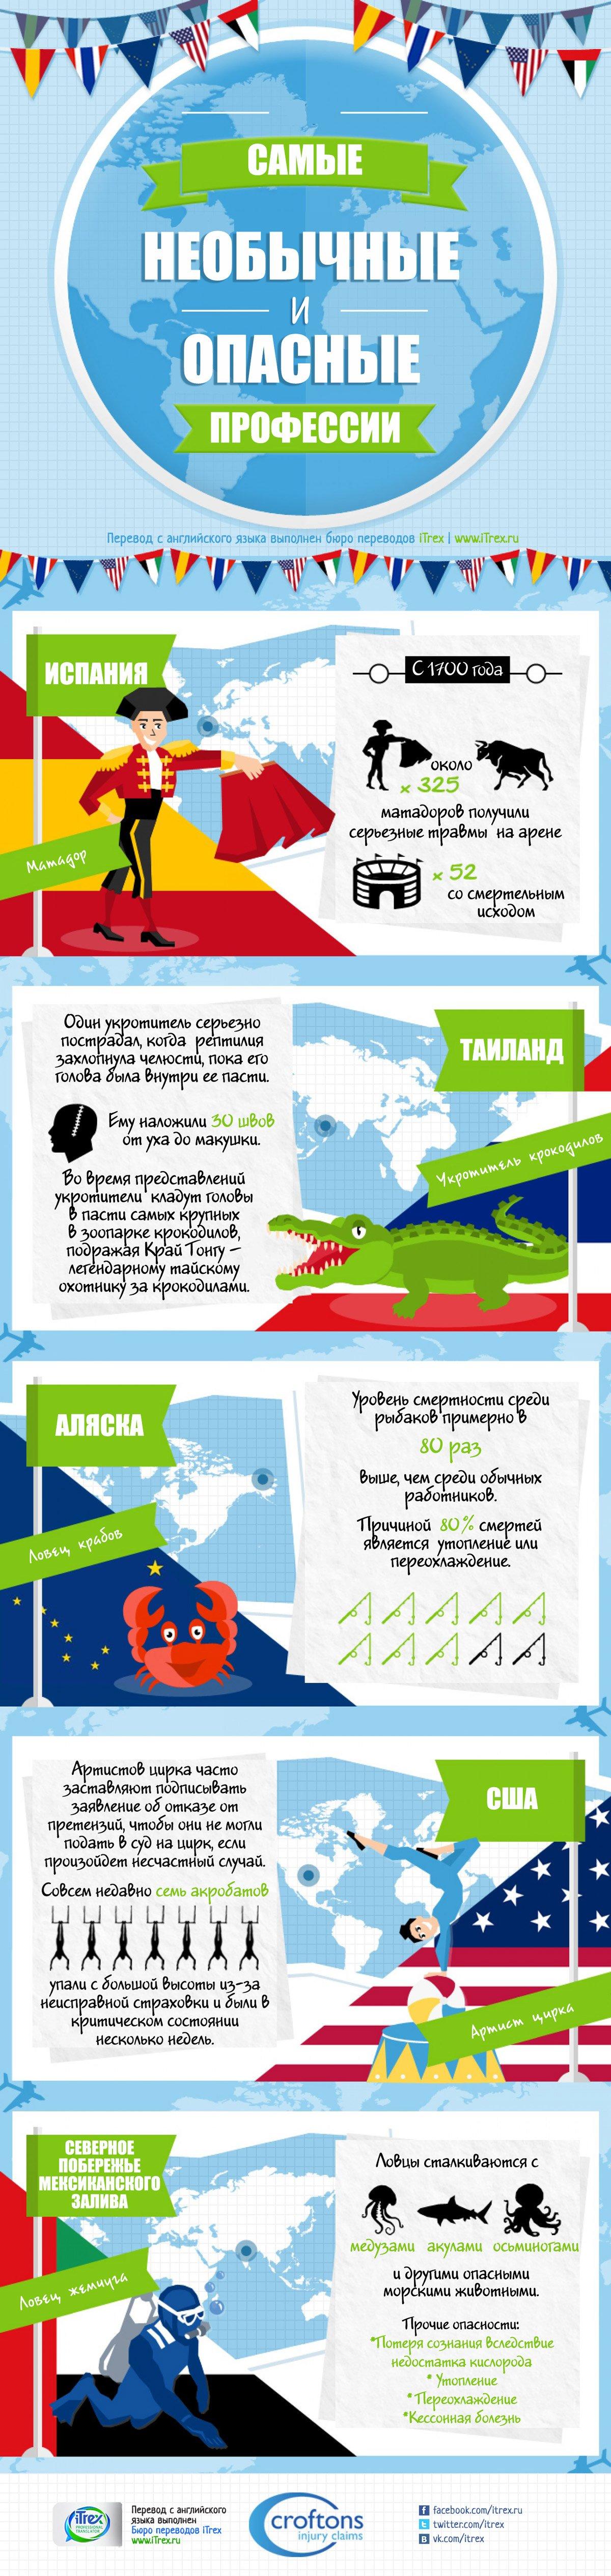 Перевод сделан в Бюро переводов iTrex, Москва: Самые необычные и опасные профессии